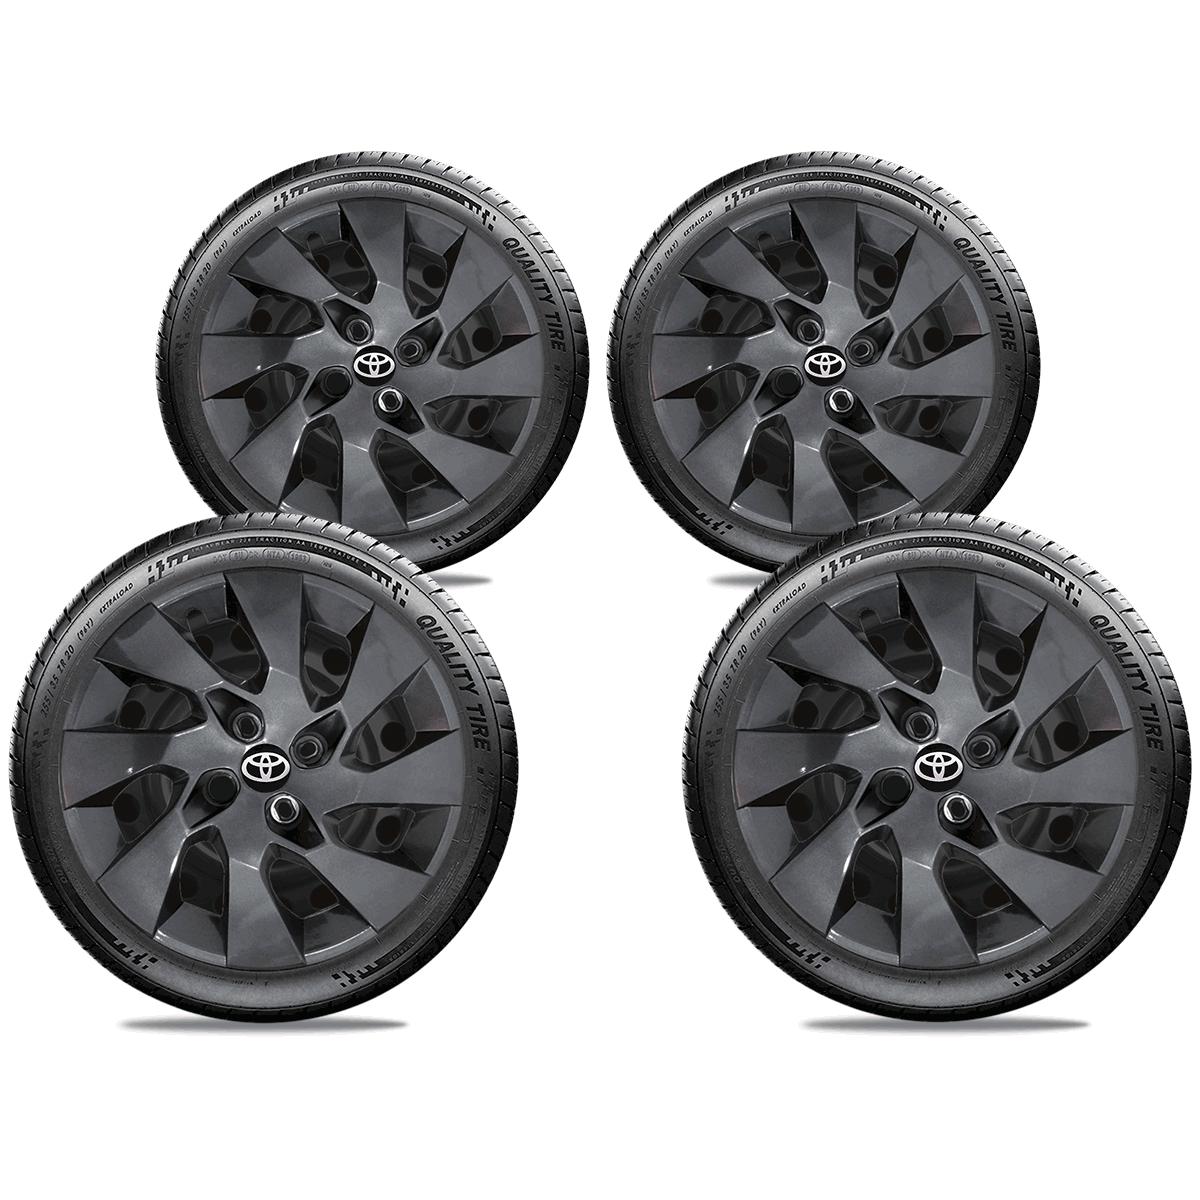 Calota Grafite Jogo 4Pçs Toyota Etios Corolla Aro 15 G195Gftj